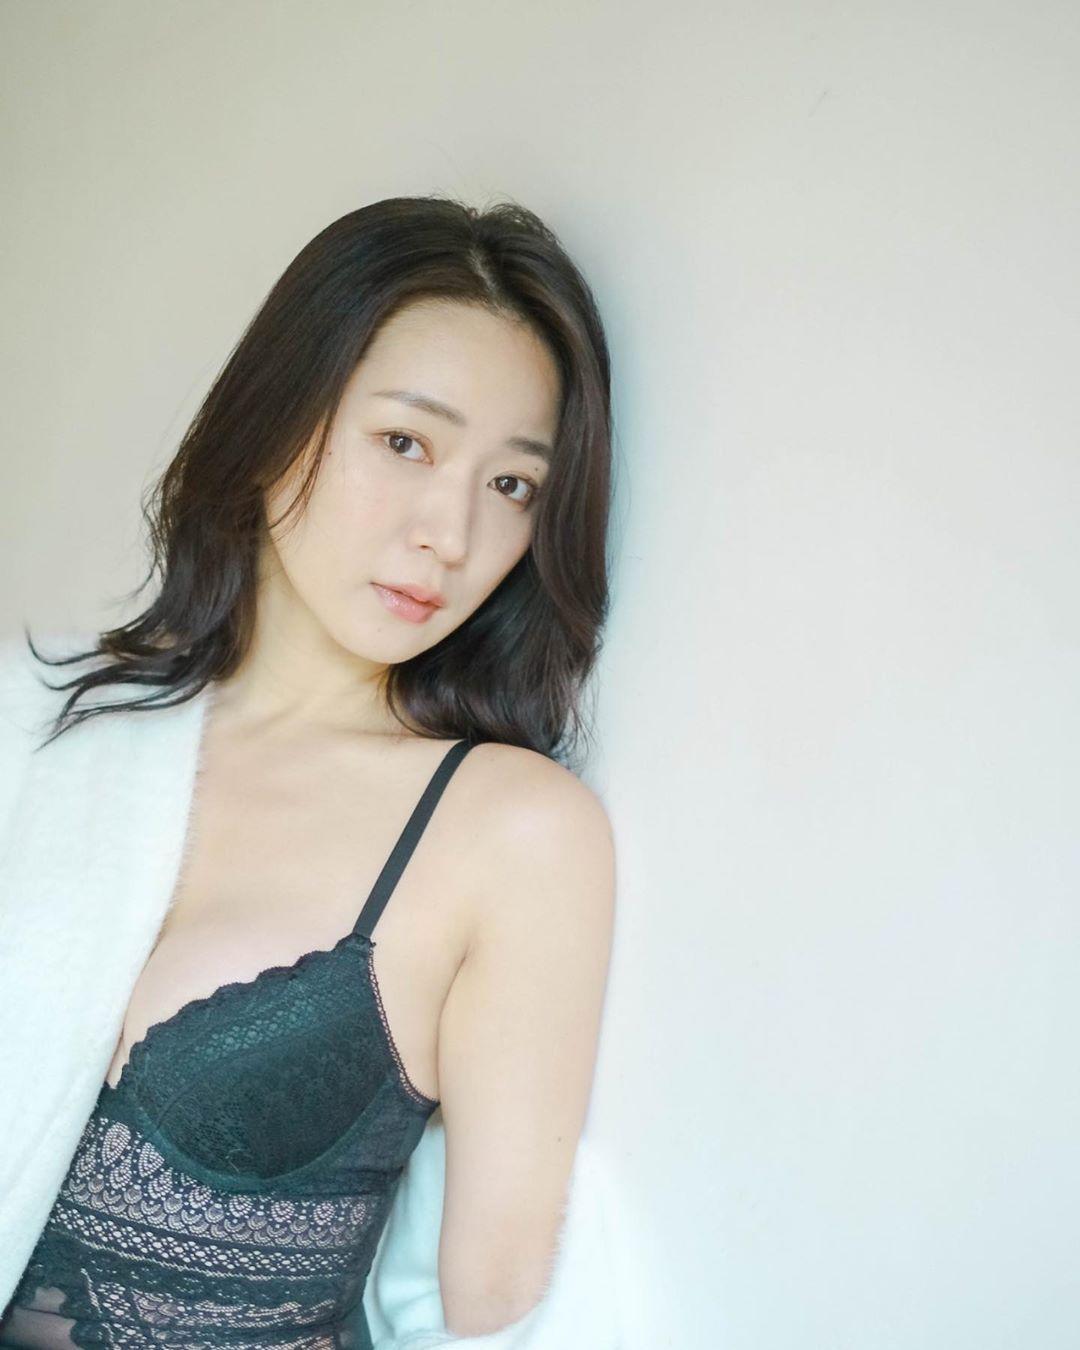 日本女星阶户瑠李突逝,曾出演《全裸导演》等作品 福利吧 第10张